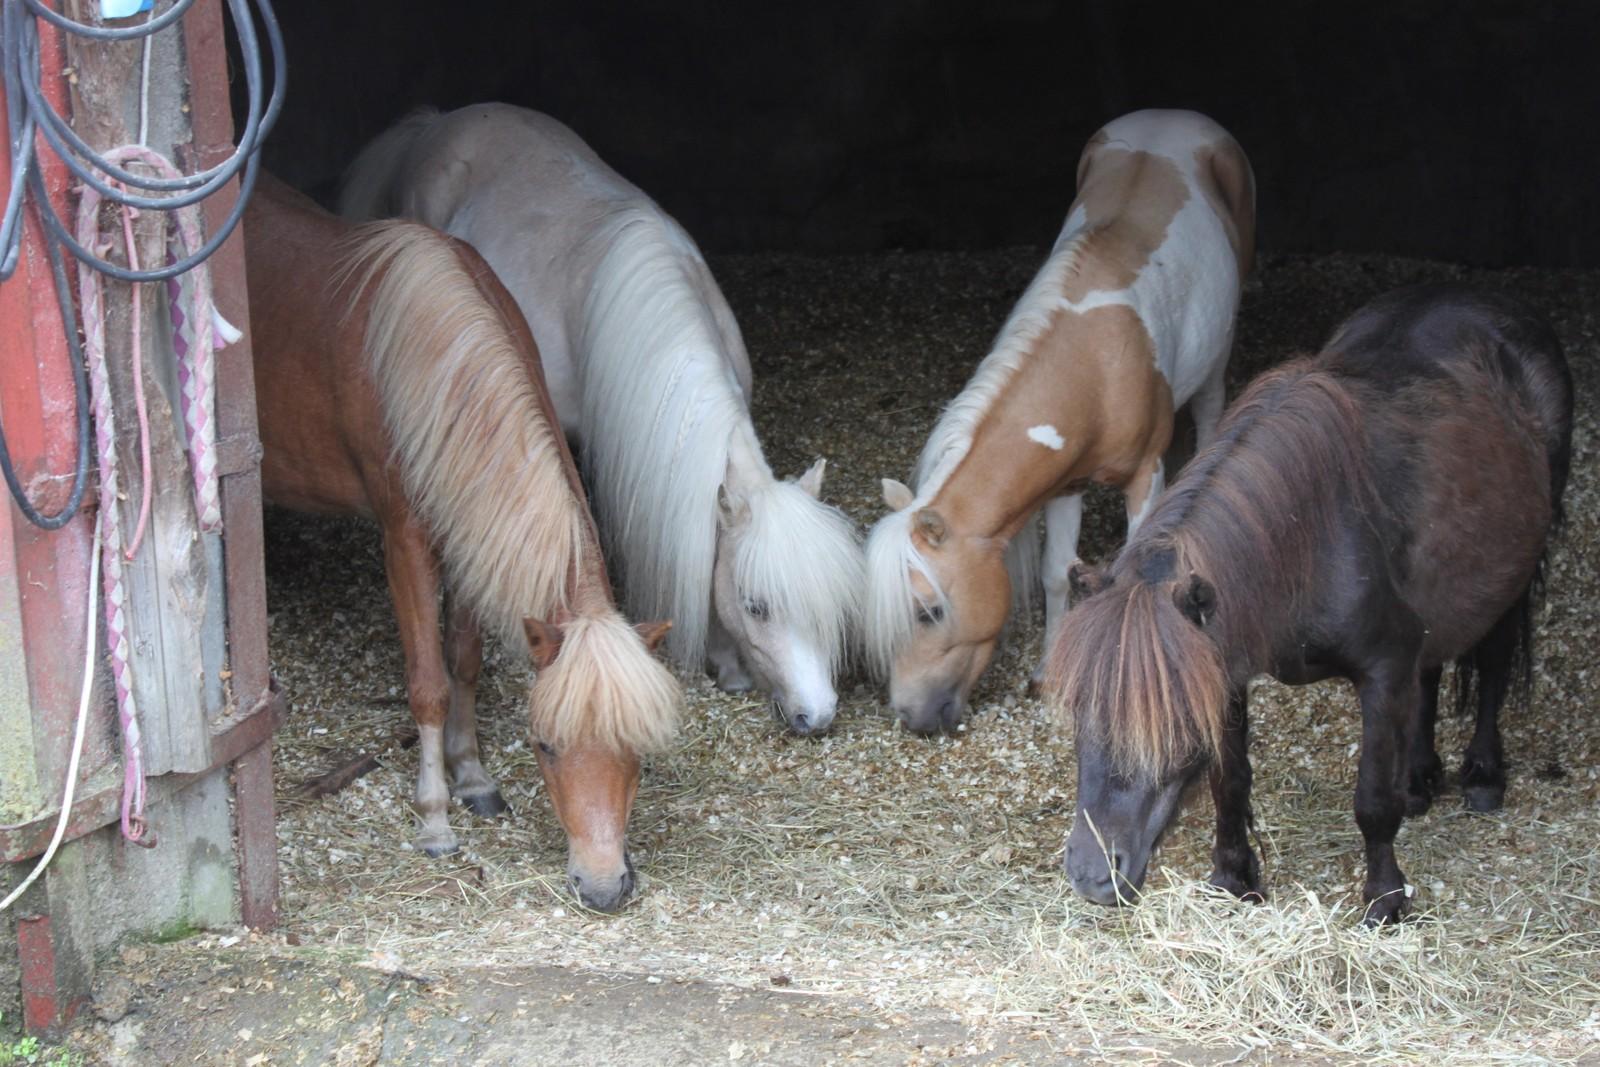 """ULIKE HESTERASAR: På """"Hestegarden"""" i Gaular er det ulike hestetypar. Desse er av ein liten hestetype, dei er ikkje ponniar. Ein kan ikkje ride på so små hestar, men hestane her er valde ut med tanke på lynne. Dei er sosiale, både med kvarandre og med folk. """"Dei møter deg heilt fordomsfritt, same korleis du ser ut"""" seier Linda Rognø."""